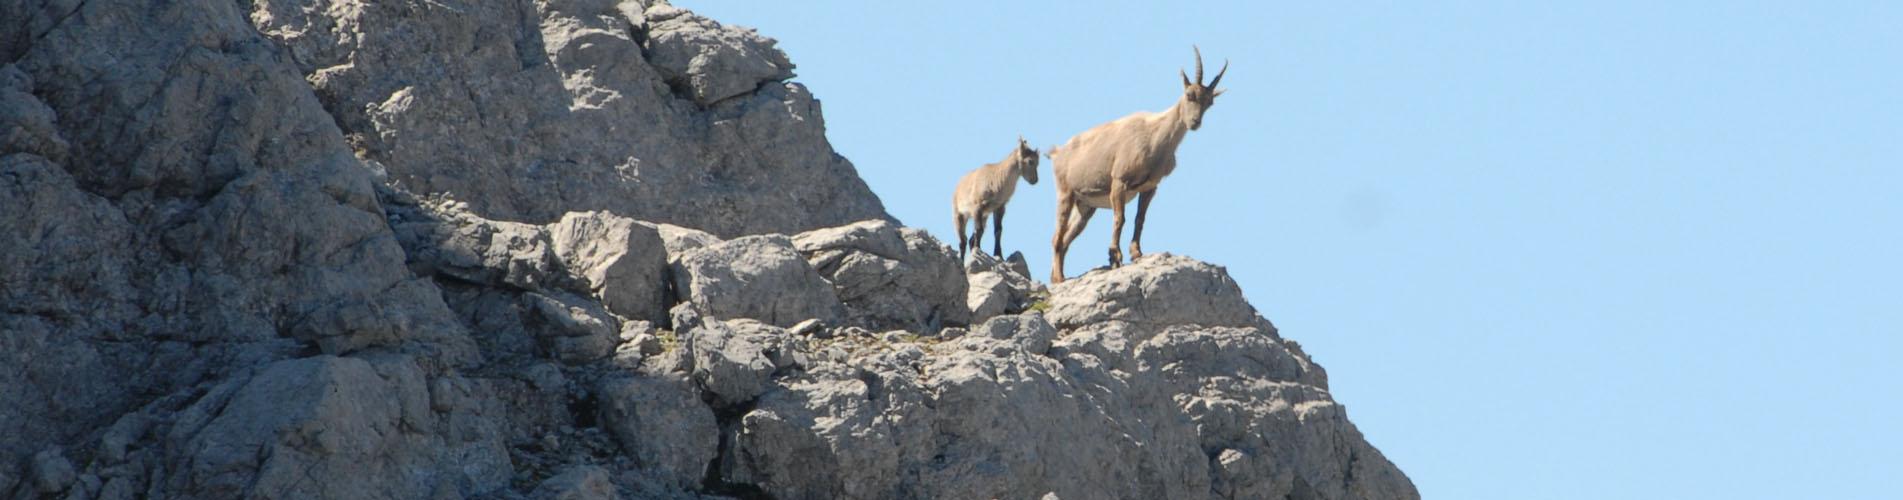 Wandern im Schweizer Nationalpark: Mit seinen 80 km Wanderwegen ist der Schweizerische Nationalpark ein absolutes Wanderparadies. Auf zu den schönsten Wanderungen!